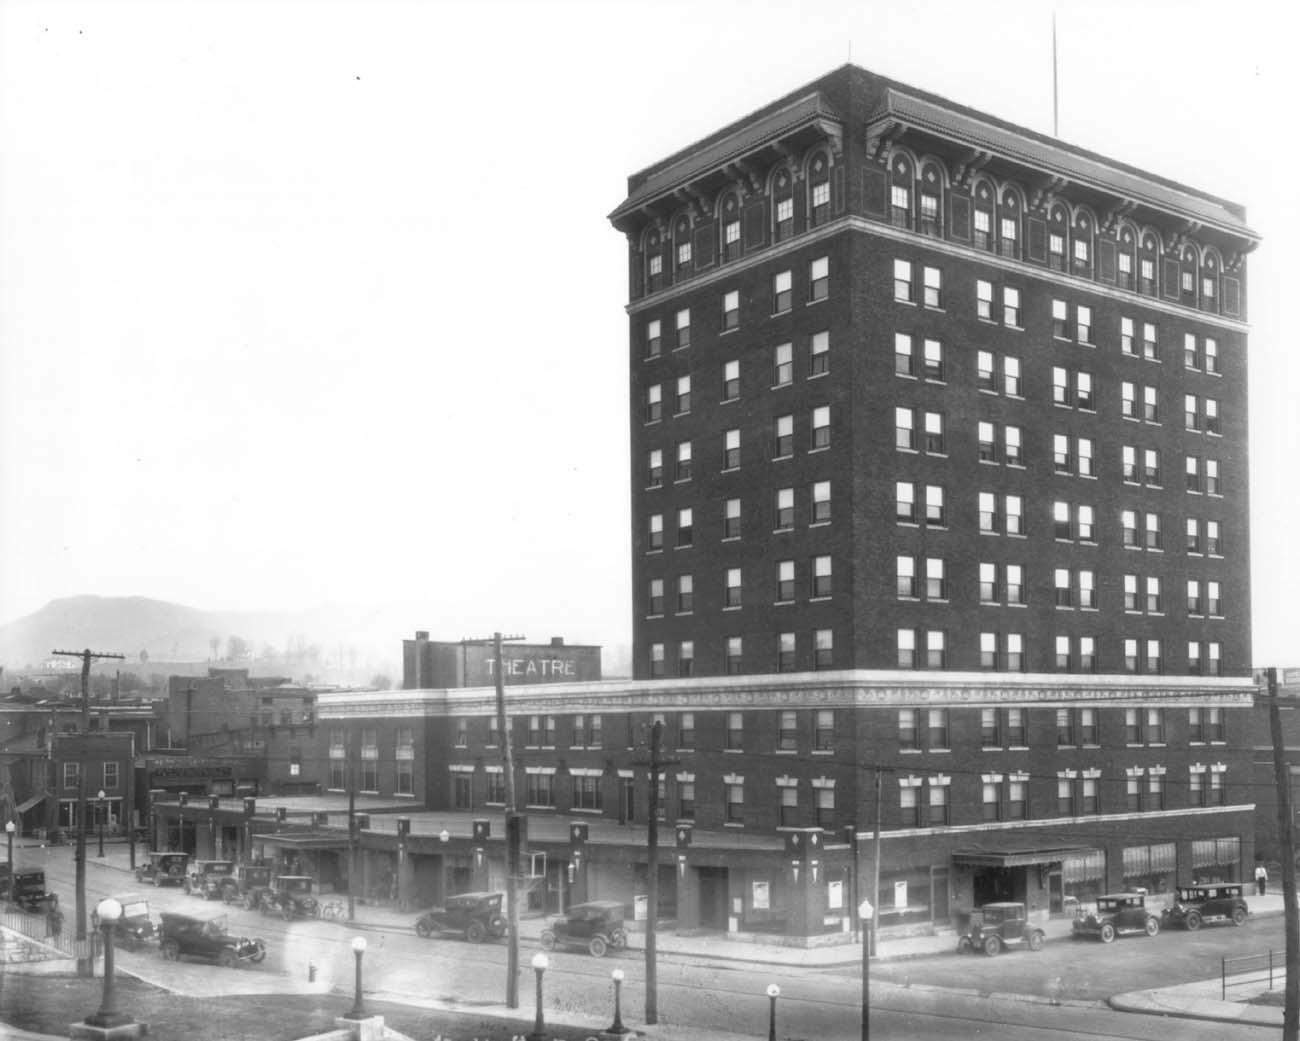 John Sevier Center - Johnson City, TN - Built in 1922 - 10 Stories - Beaux-arts/Historism Style - Senior Living Use